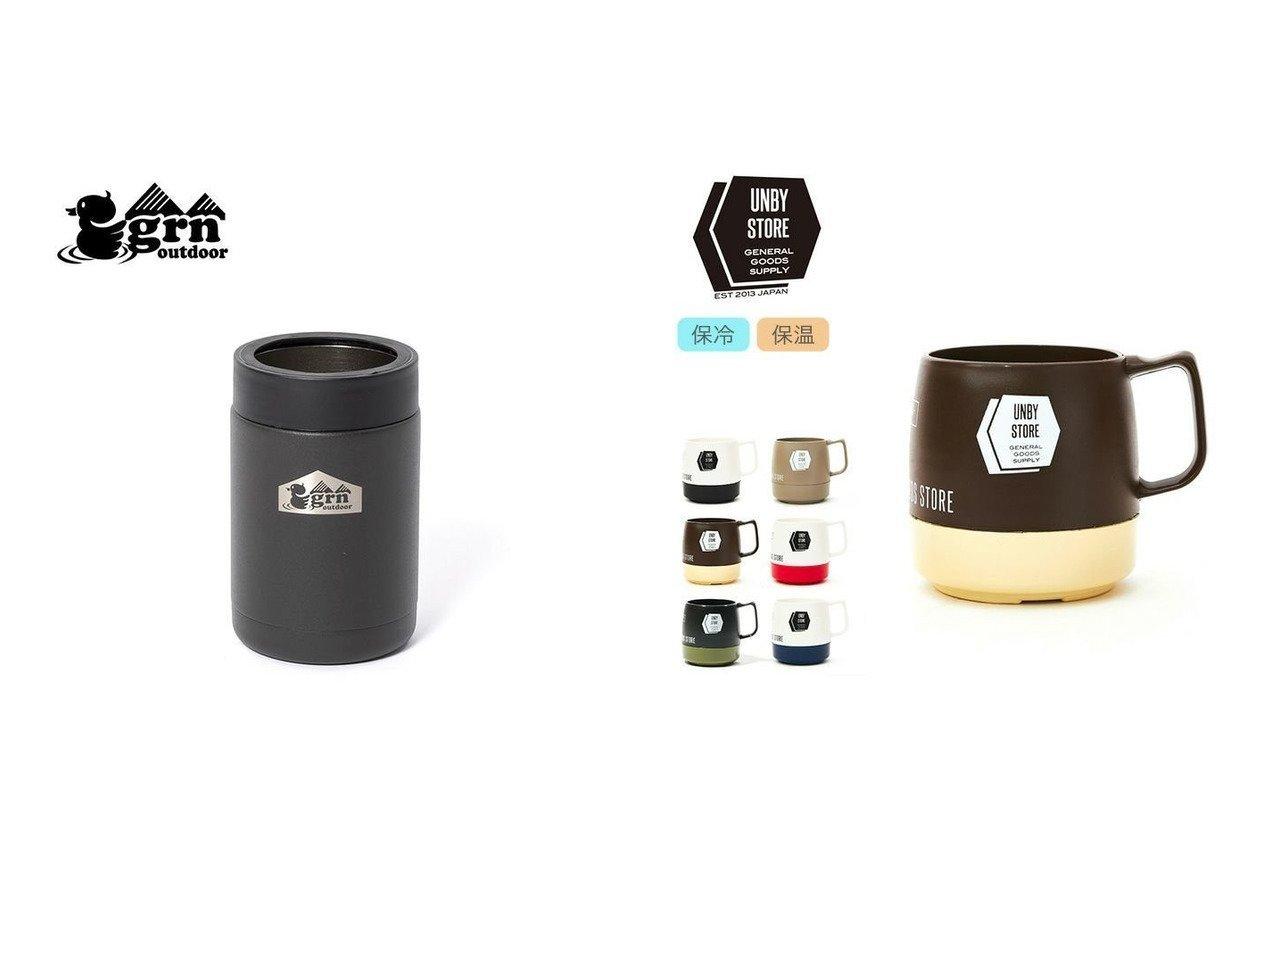 【grn outdoor/ジーアールエヌ アウトドア】のビア缶クーラー&【UNBY originals/アンバイ オリジナル】のオリジナルダイネックスマグ おすすめ!人気キャンプ・アウトドア用品の通販 おすすめで人気の流行・トレンド、ファッションの通販商品 インテリア・家具・メンズファッション・キッズファッション・レディースファッション・服の通販 founy(ファニー) https://founy.com/ アウトドア ホーム・キャンプ・アウトドア Home,Garden,Outdoor,Camping Gear キャンプ用品・アウトドア  Camping Gear & Outdoor Supplies その他 雑貨 小物 Camping Tools  ID:crp329100000062769